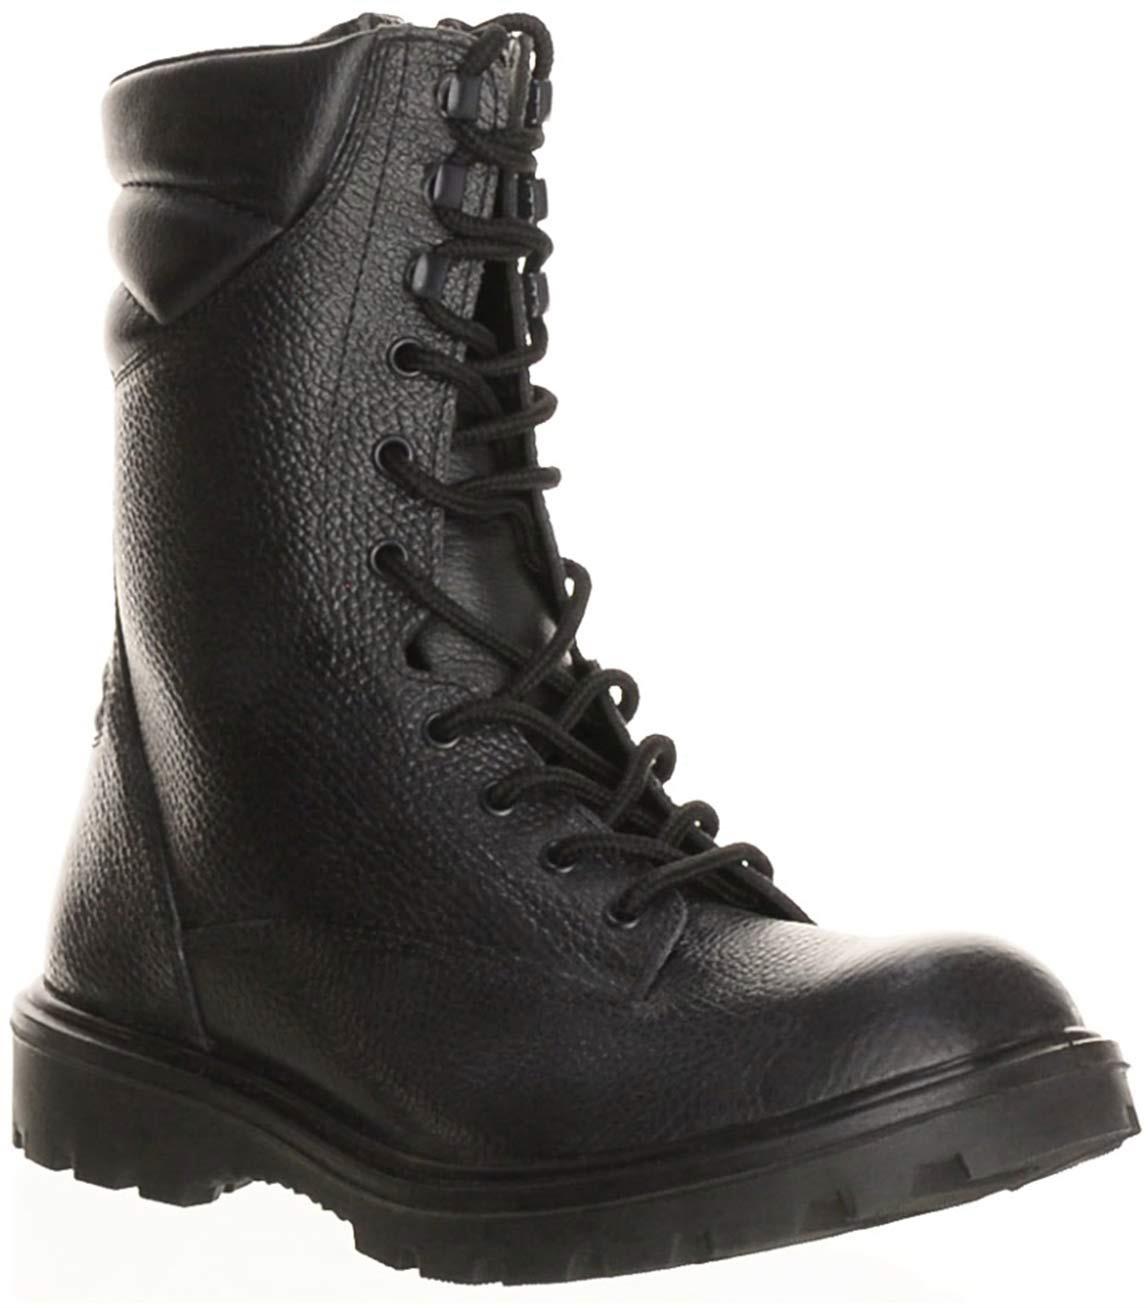 Берцы мужские DAVE MARSHALL Attack SB-8 AL, цвет: черный. БОТ5071ИМ. Размер 42БОТ5071ИМУдобные и практичные берцы ATTACK порадуют Вас своей технологичностью, относительно легким весом и износостойкостью. Эта модель сохранит ноги в тепле благодаря теплой подкладке, максимально снизит ударную нагрузку за счет PU/TPU в подошве, а также, при правильном своевременном уходе, будет радовать своего обладателя ни один сезон. Верх выполнен из натуральной юфтевой кожи, которая является одним из самых прочных материалов. После предварительной очистки и нескольких видов обработок Юфть остается такой же плотной и твердой, благодаря использованию натуральных жиров, такая кожа остается эластичной даже при минусовых температурах.Подкладка выполнена из искусственного меха, благодаря чему обеспечивается отличная циркуляция воздуха без «парникового эффекта».Подошва выполнена из полиуретана и термополиуретана (PU/TPU). Полиуретан (PU) благодаря легкому весу, отличной гибкости и великолепной амортизации, способствует снижению нагрузки при эксплуатации, а термополиуретан (TPU) обеспечивает высокую изноустойчивость, сопротивление деформации и обеспечивает отличное сцепление с поверхностью. Подошва крепится к верху обуви литьевым методом, который обеспечивает превосходную герметичность и прочность крепления.Произведены с учетом ТР ТС 019/2011, ГОСТ 12.4.137-2001, ГОСТ 12.4.187-97 Рекомендуем!